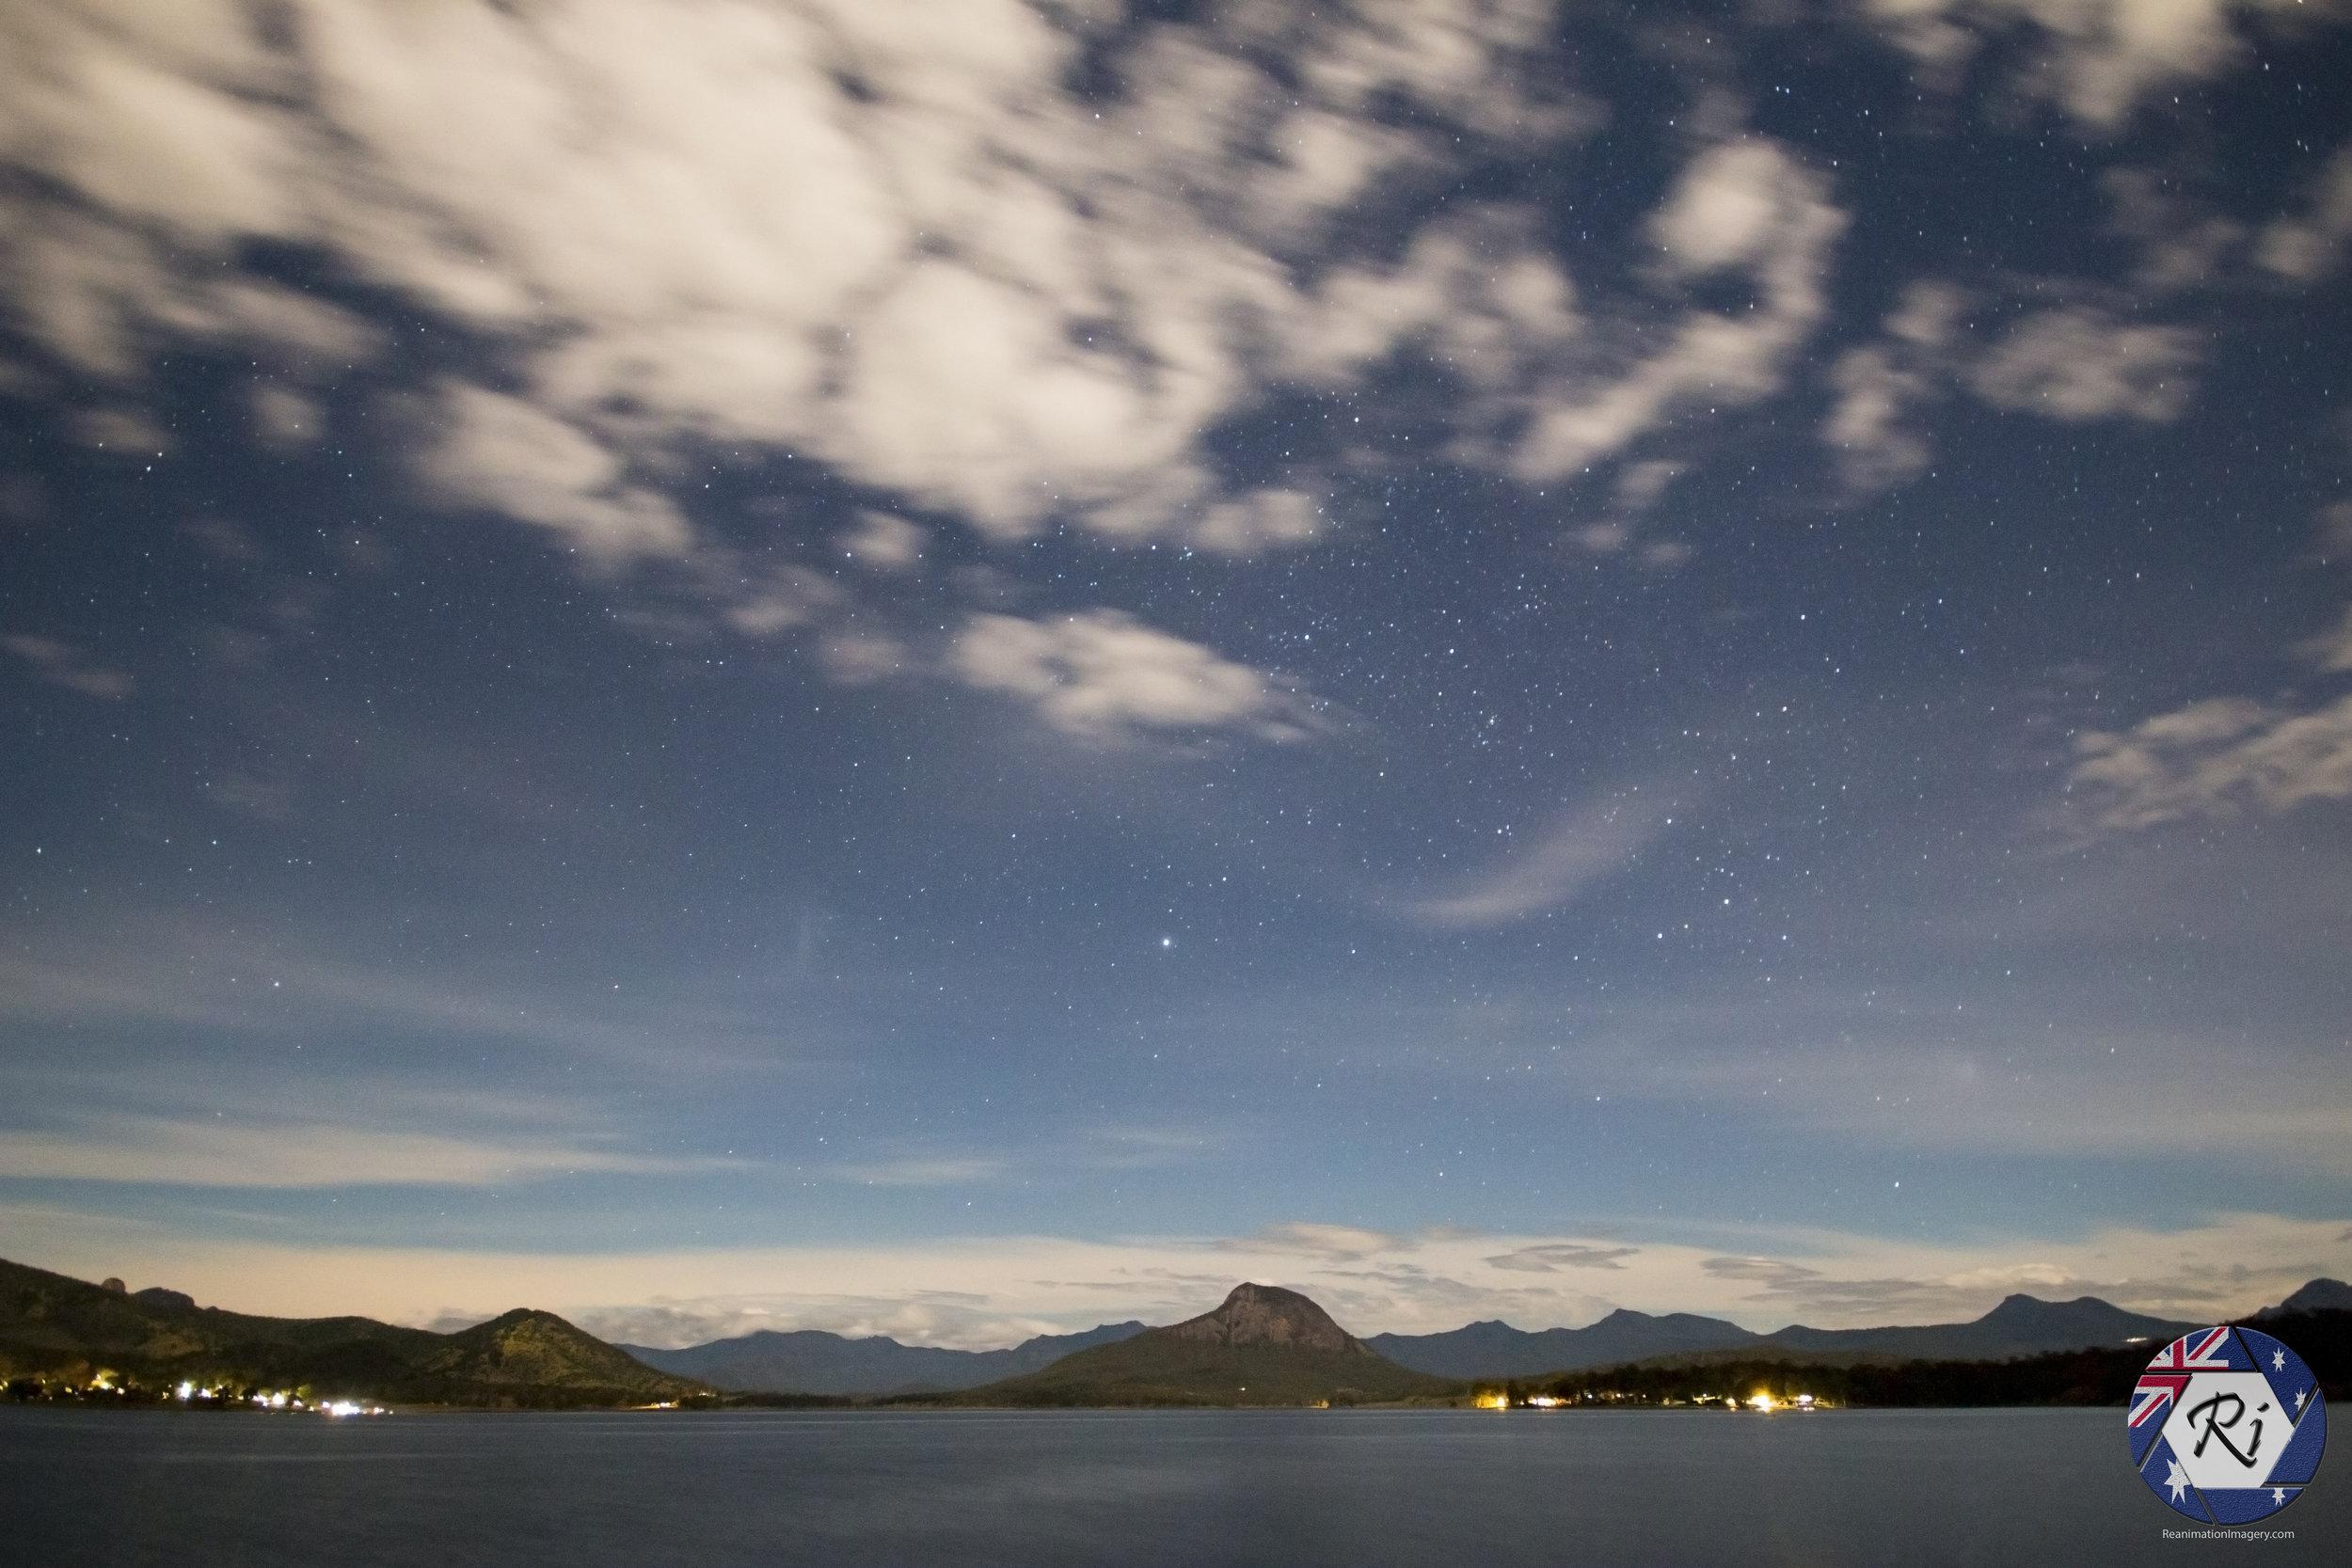 stock-photo-one-starry-night-73109197.jpg